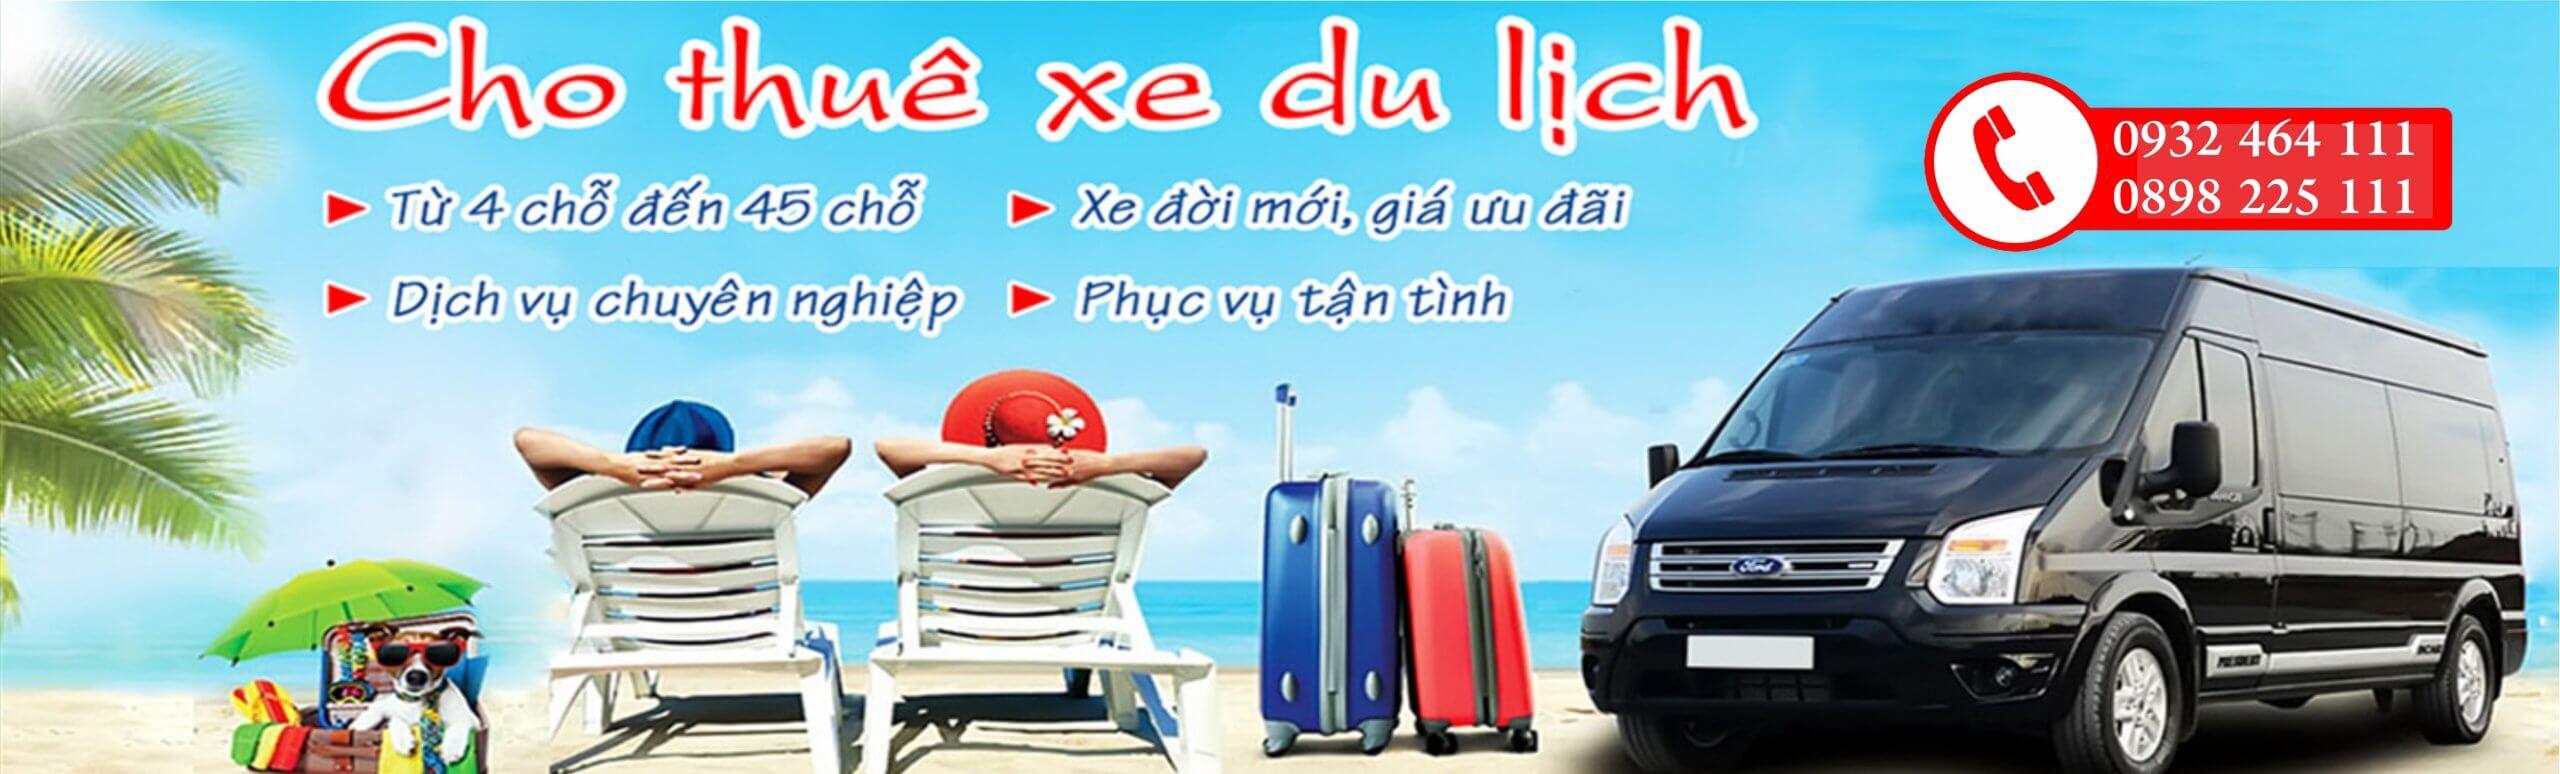 Bảng giá thuê xe du lịch Đà Nẵng từ 4 chỗ đến 45 chỗ mới nhất